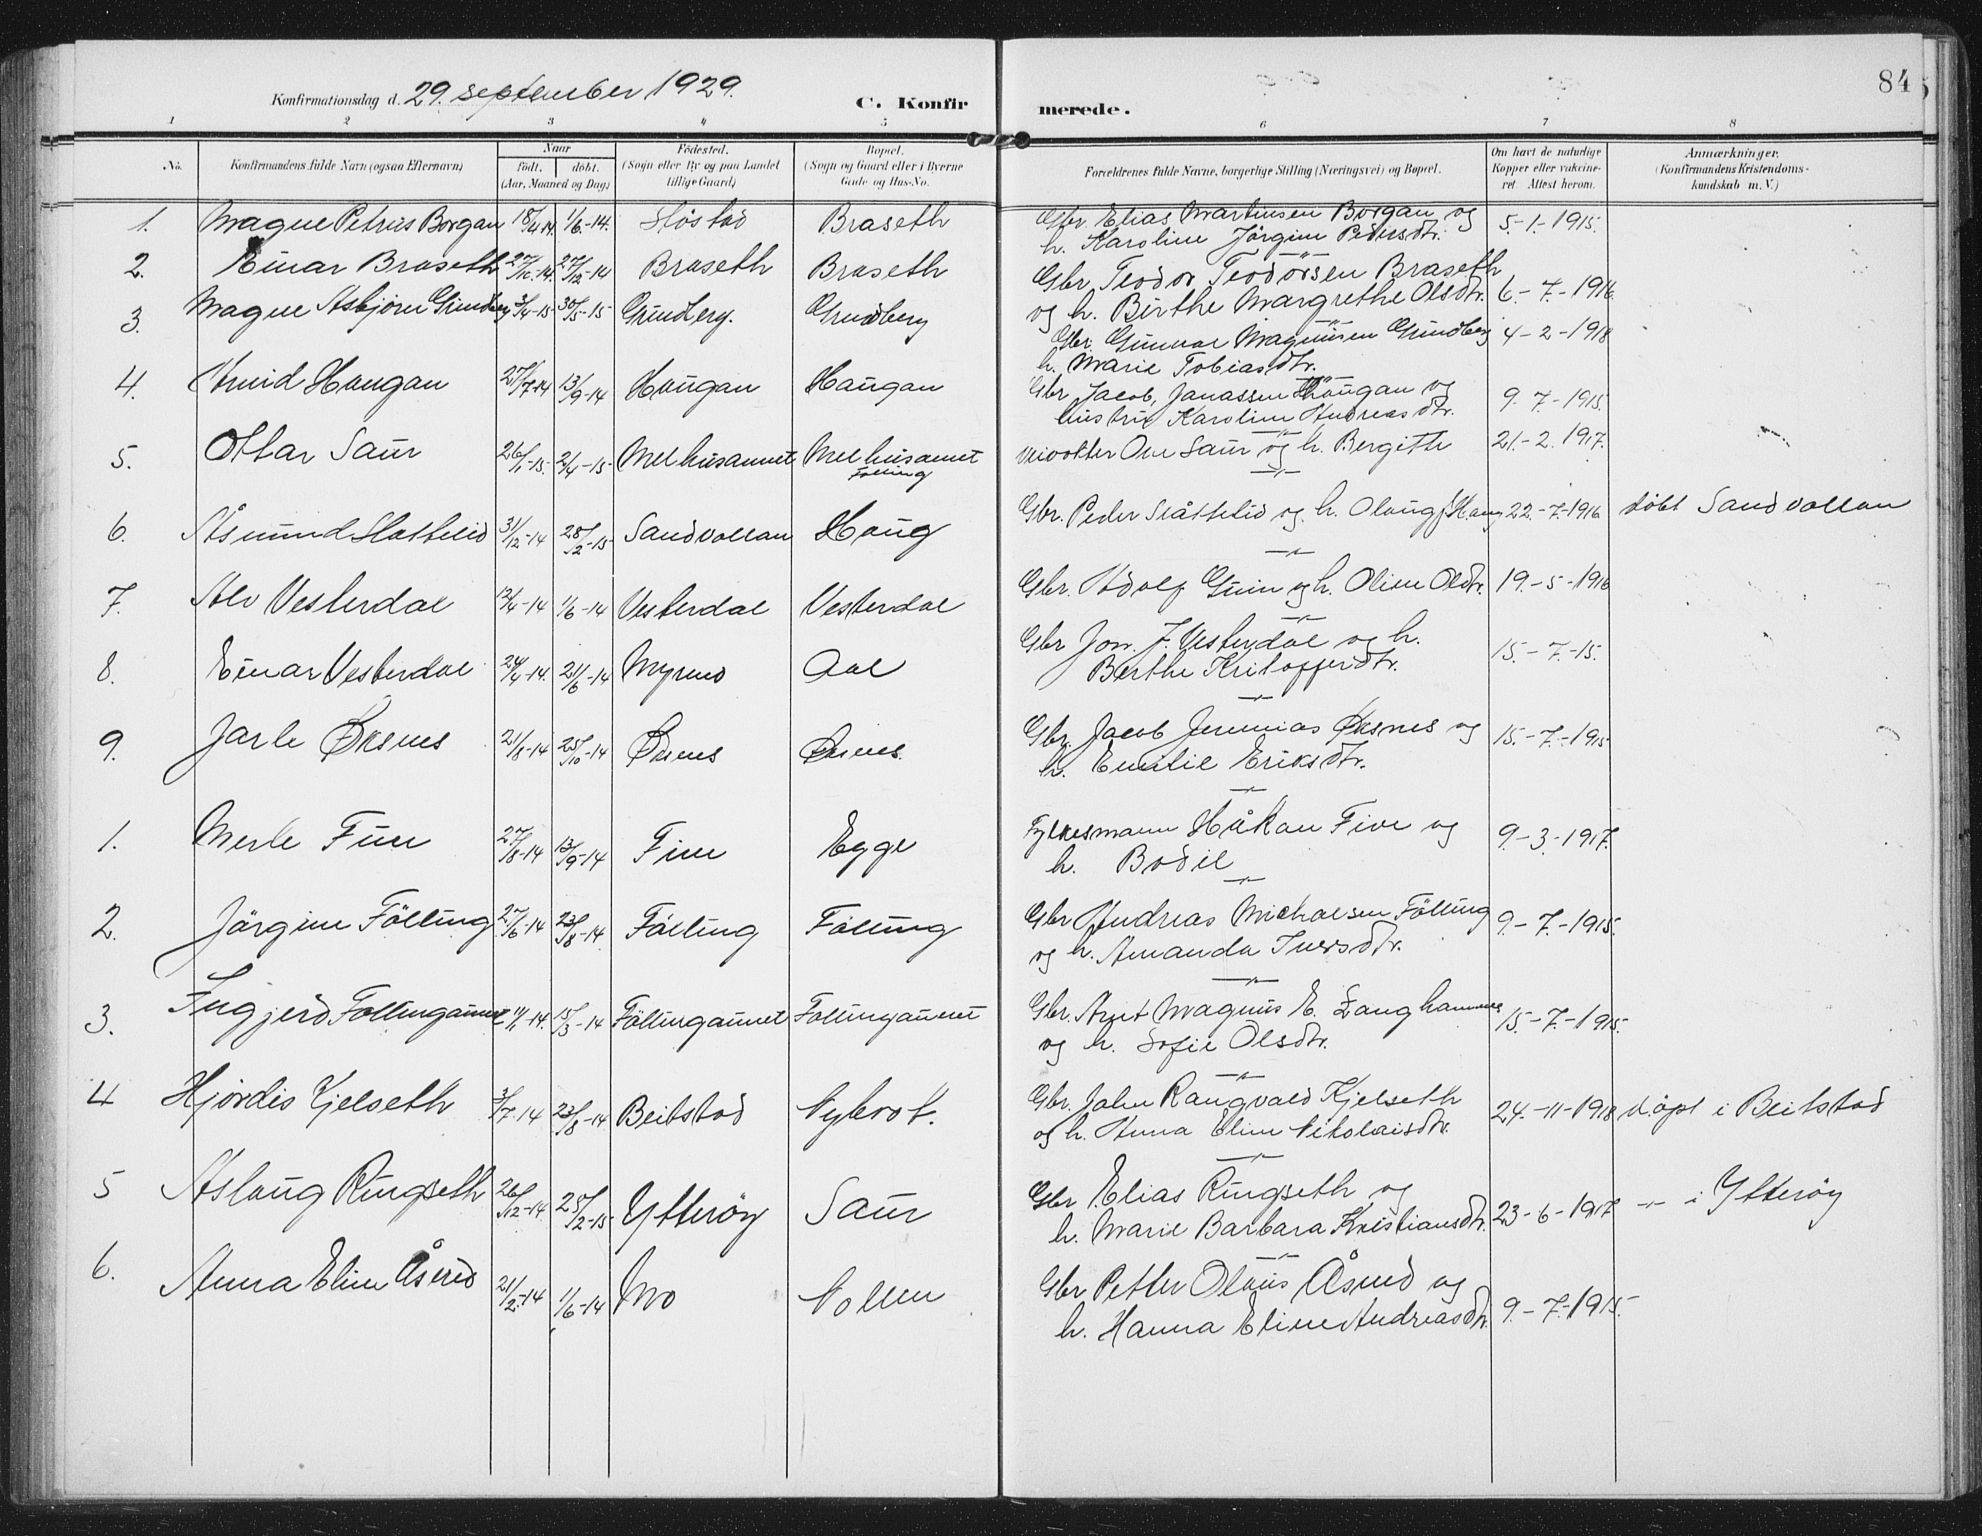 SAT, Ministerialprotokoller, klokkerbøker og fødselsregistre - Nord-Trøndelag, 747/L0460: Klokkerbok nr. 747C02, 1908-1939, s. 84